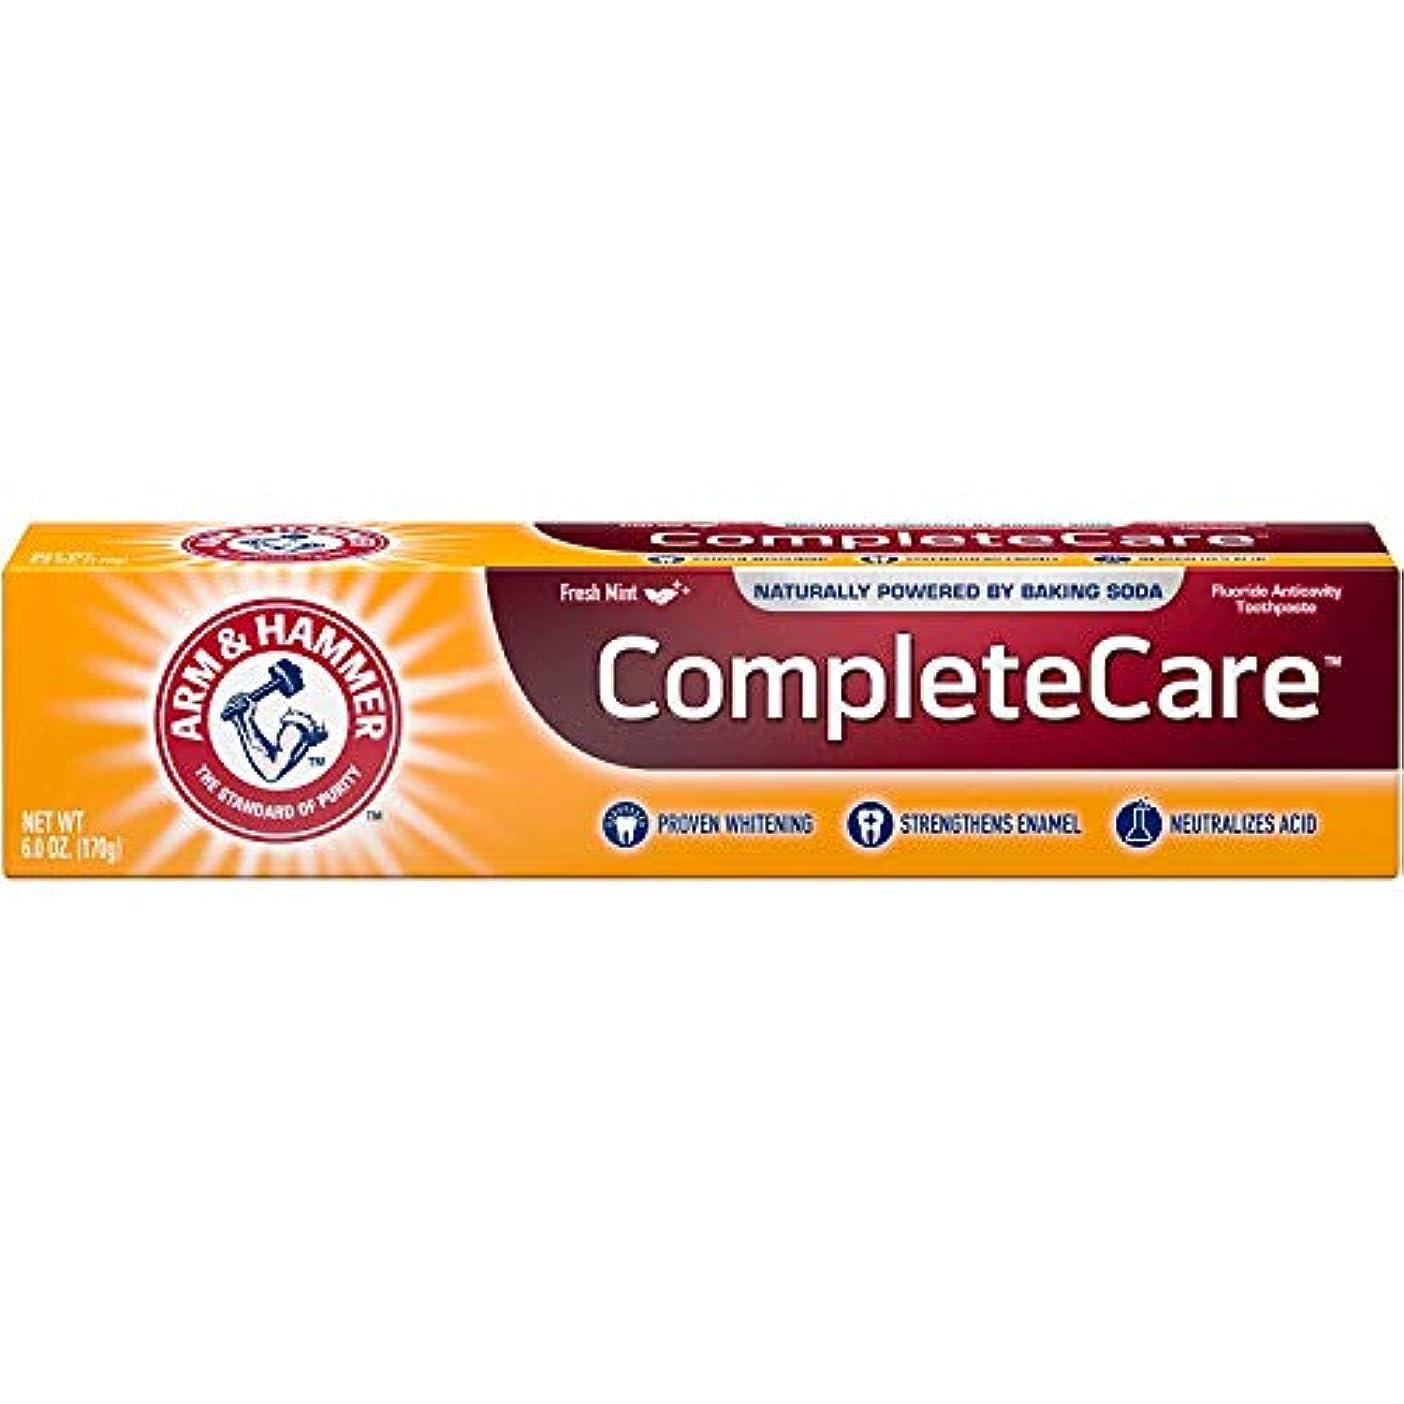 殺人カバレッジスローArm & Hammer Fluoride Anti-Cavity Toothpaste - 6 oz - 3 pk by Arm & Hammer